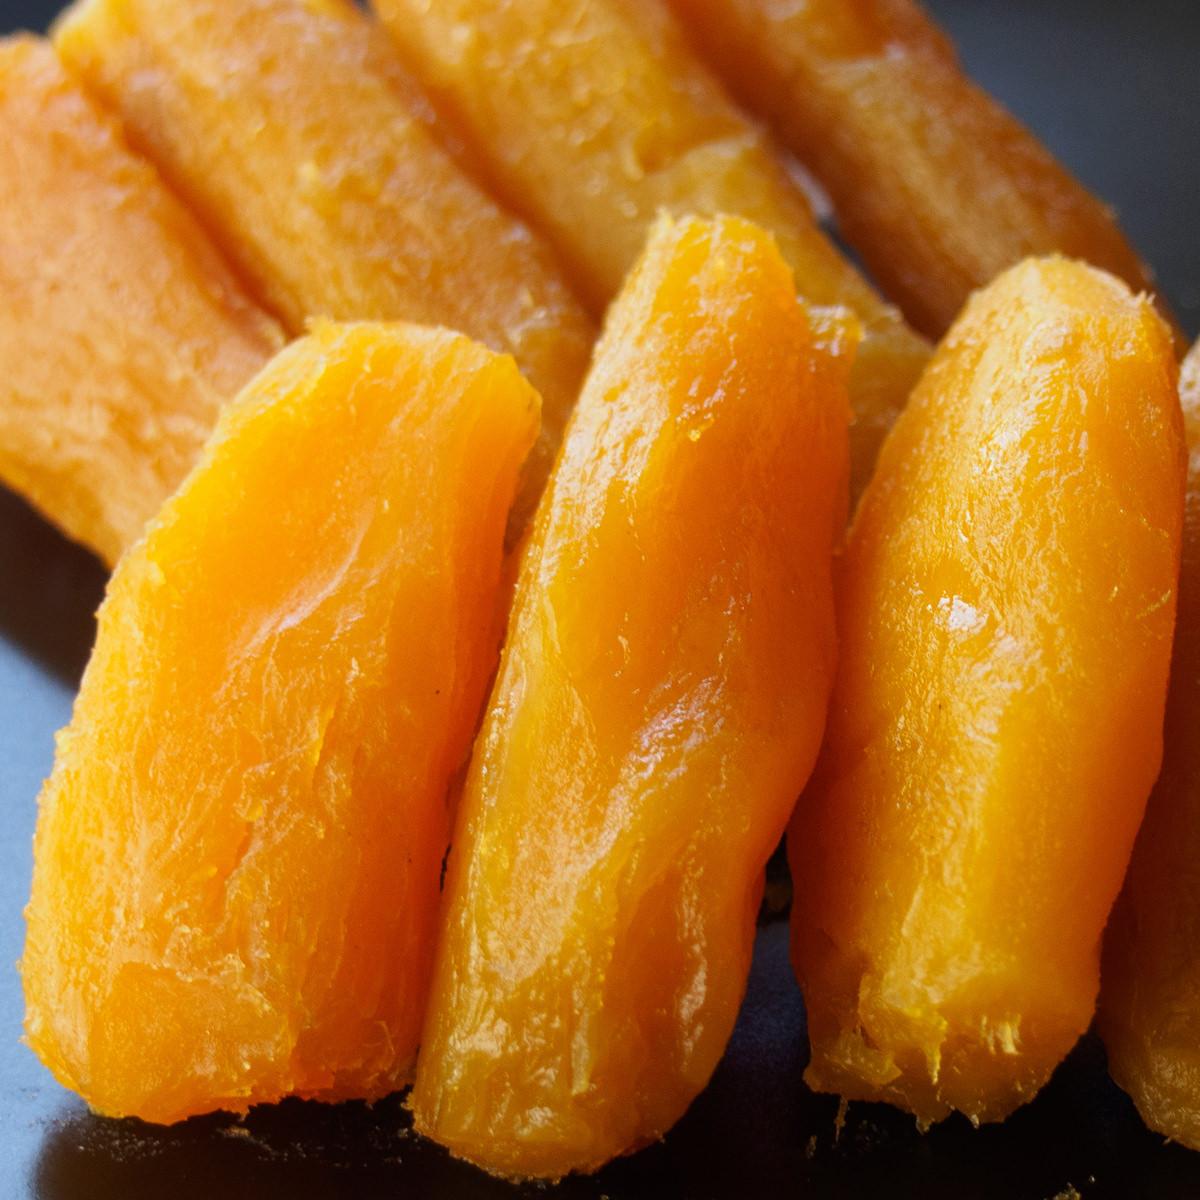 サラダファイブ 大容量 もっちり干し芋 高級・丸干し 紅はるか 茨城県ひたちなか産2kg〔200g×10〕